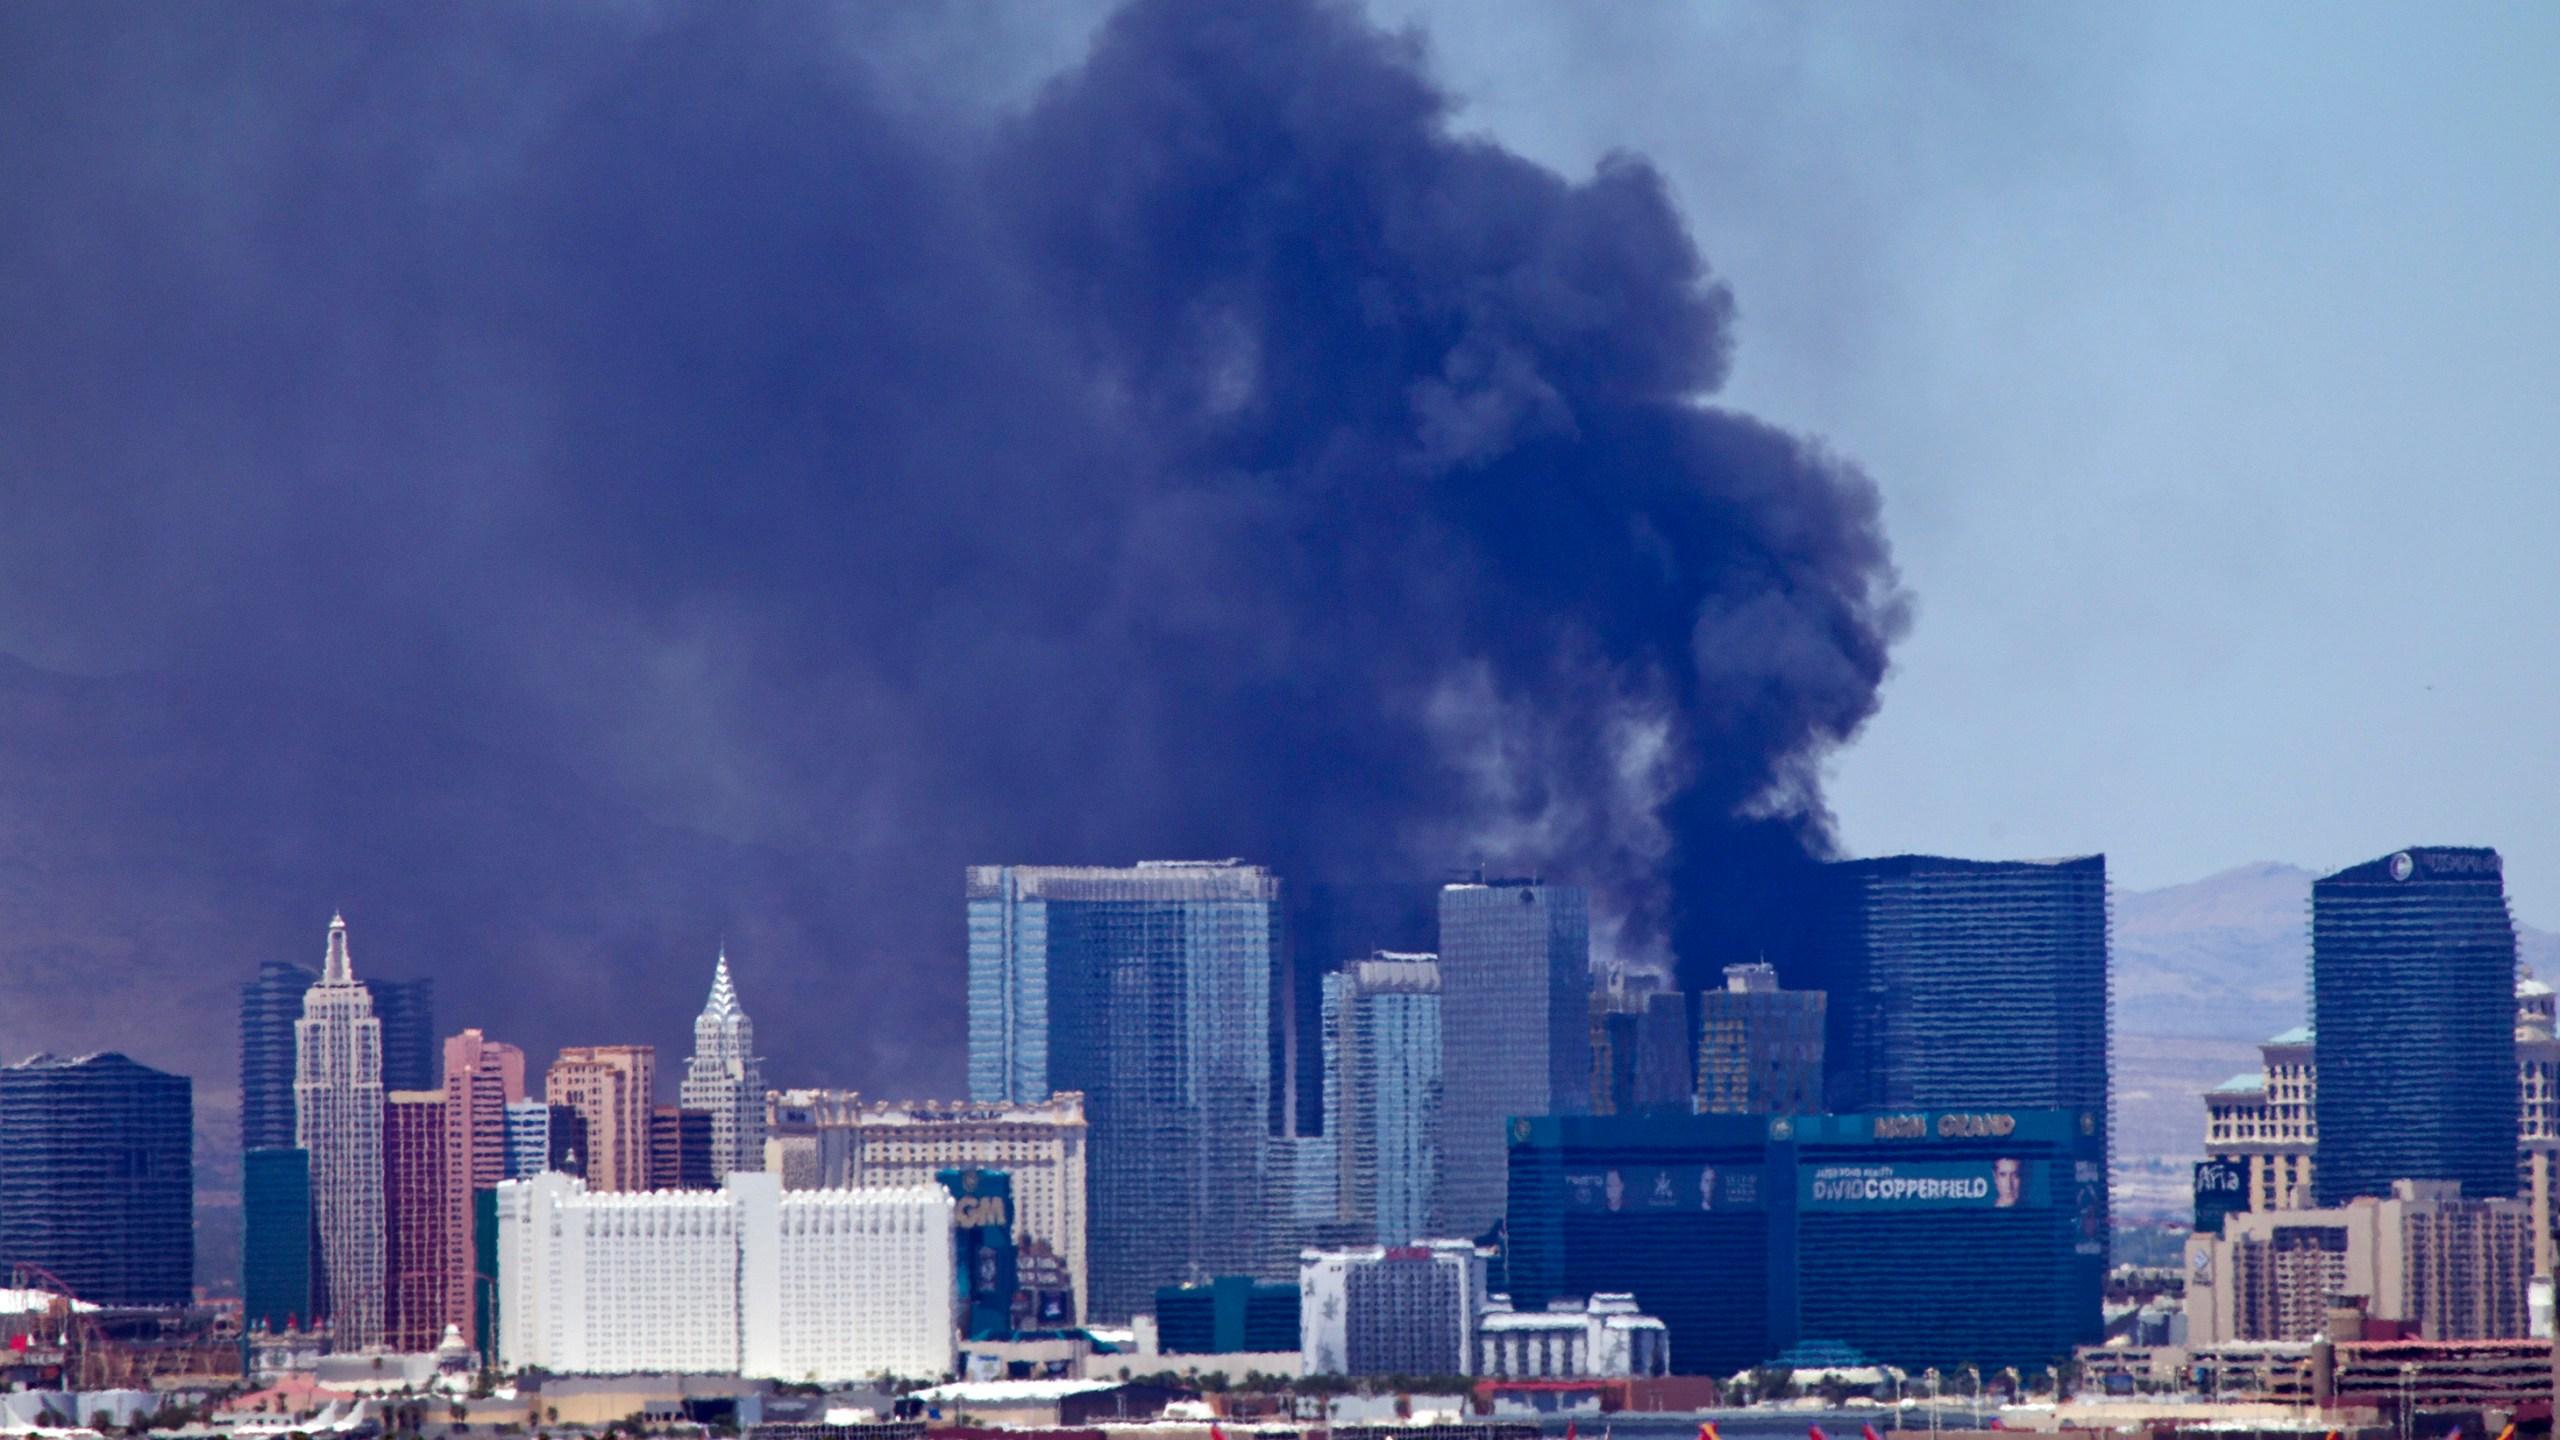 Las Vegas Strip Fire_107159